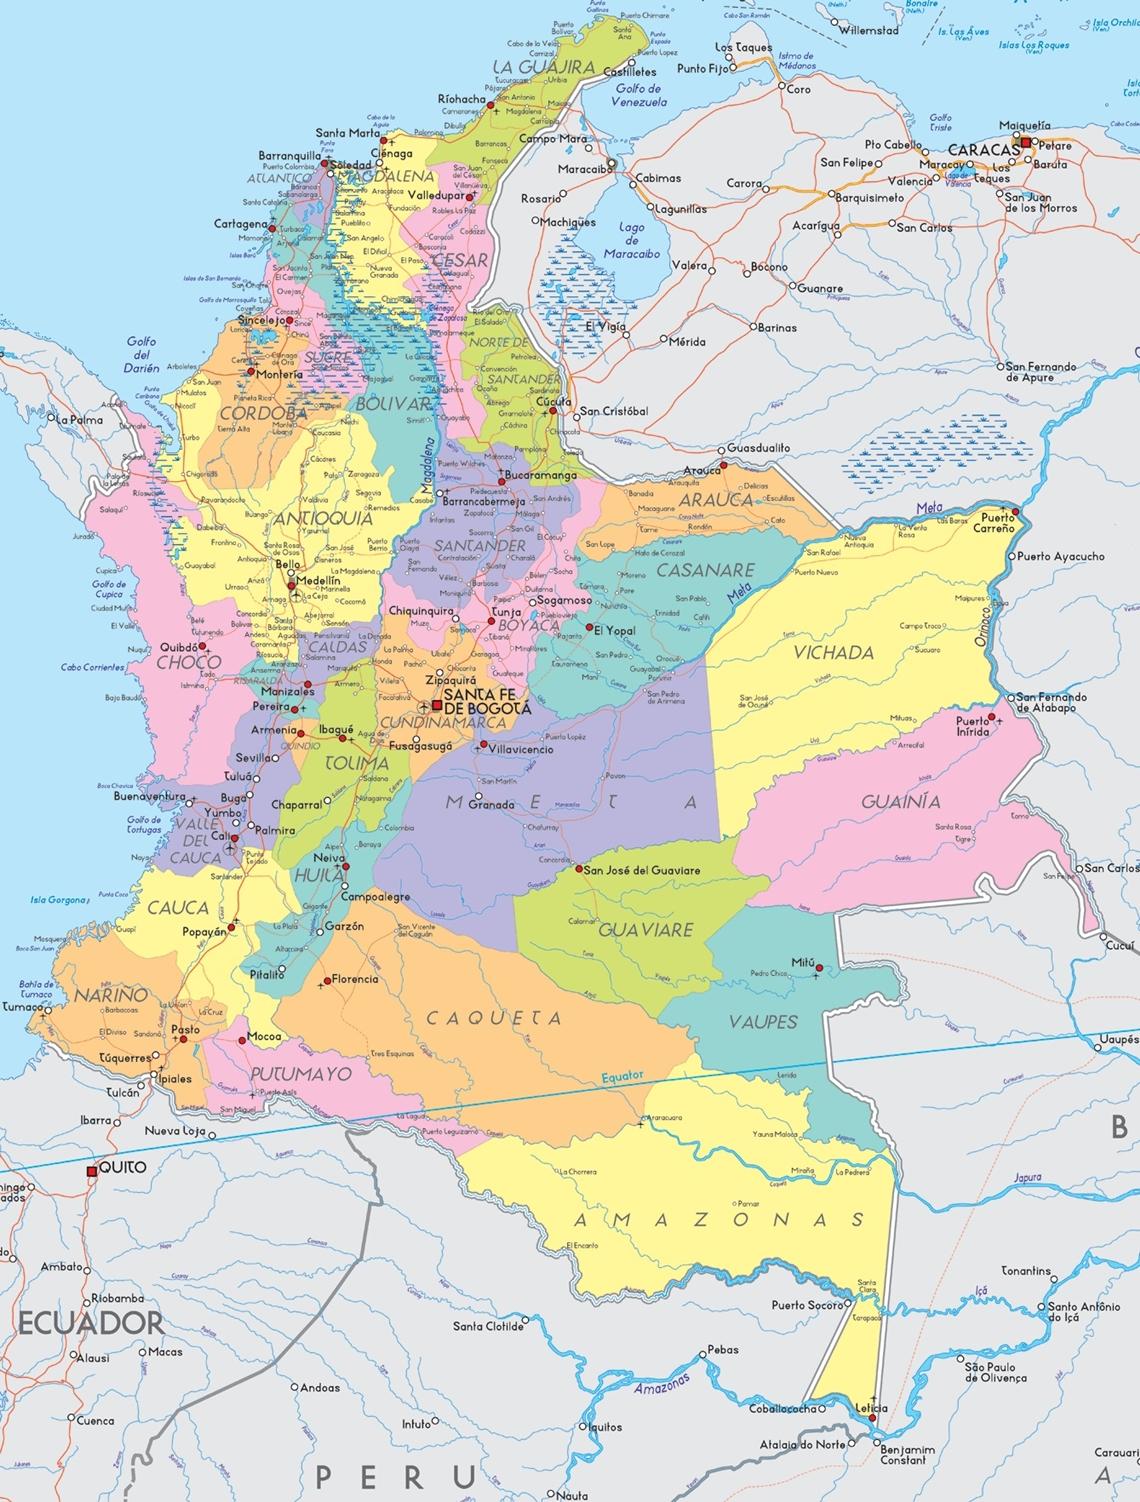 mapa da colombia